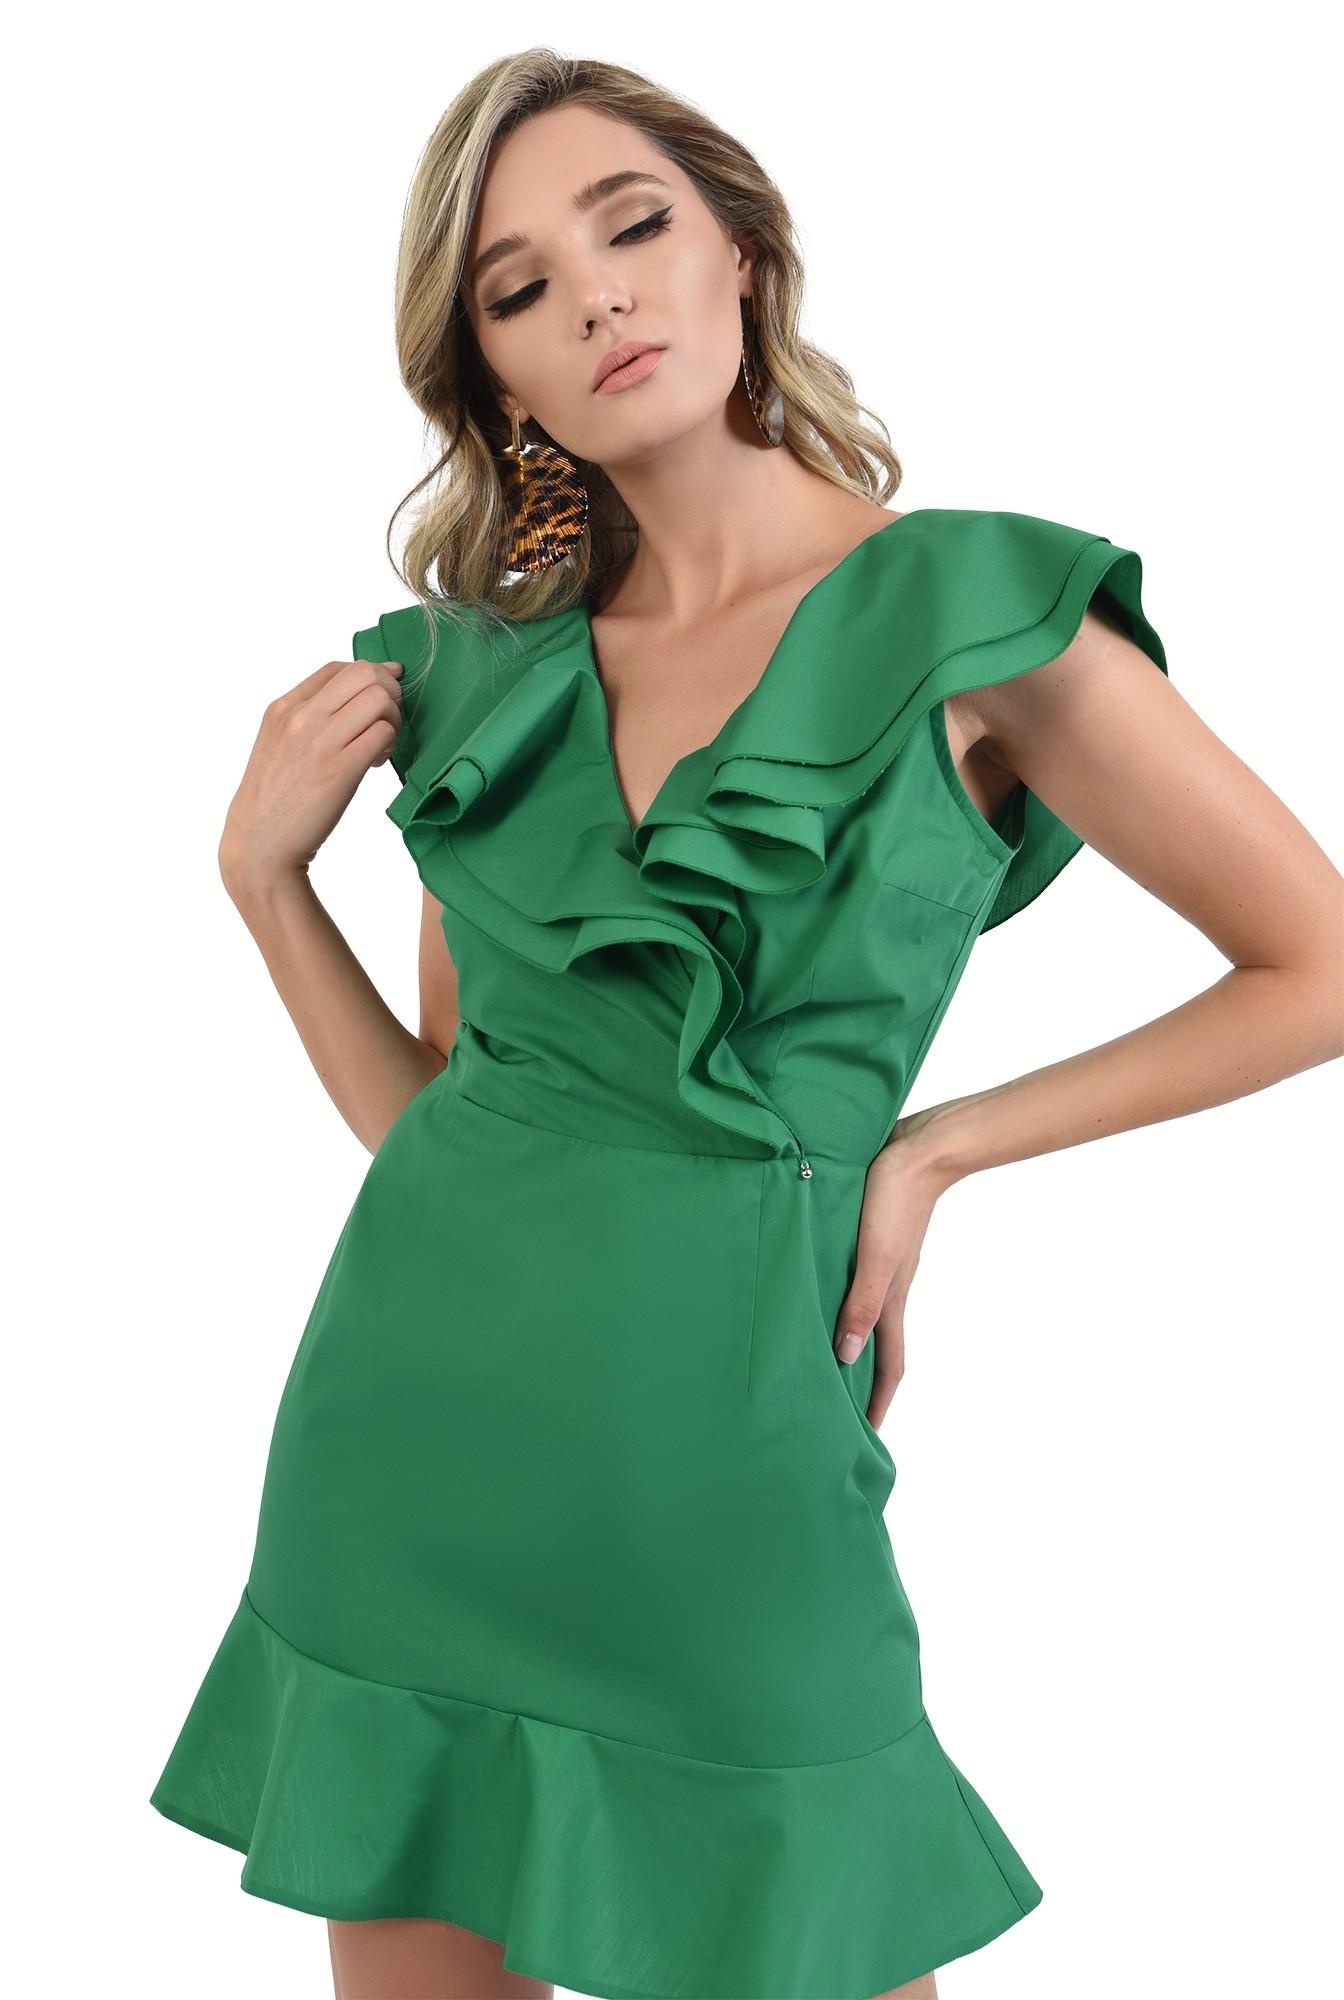 360 - rochie verde, din bumbac, cu volane, Poema